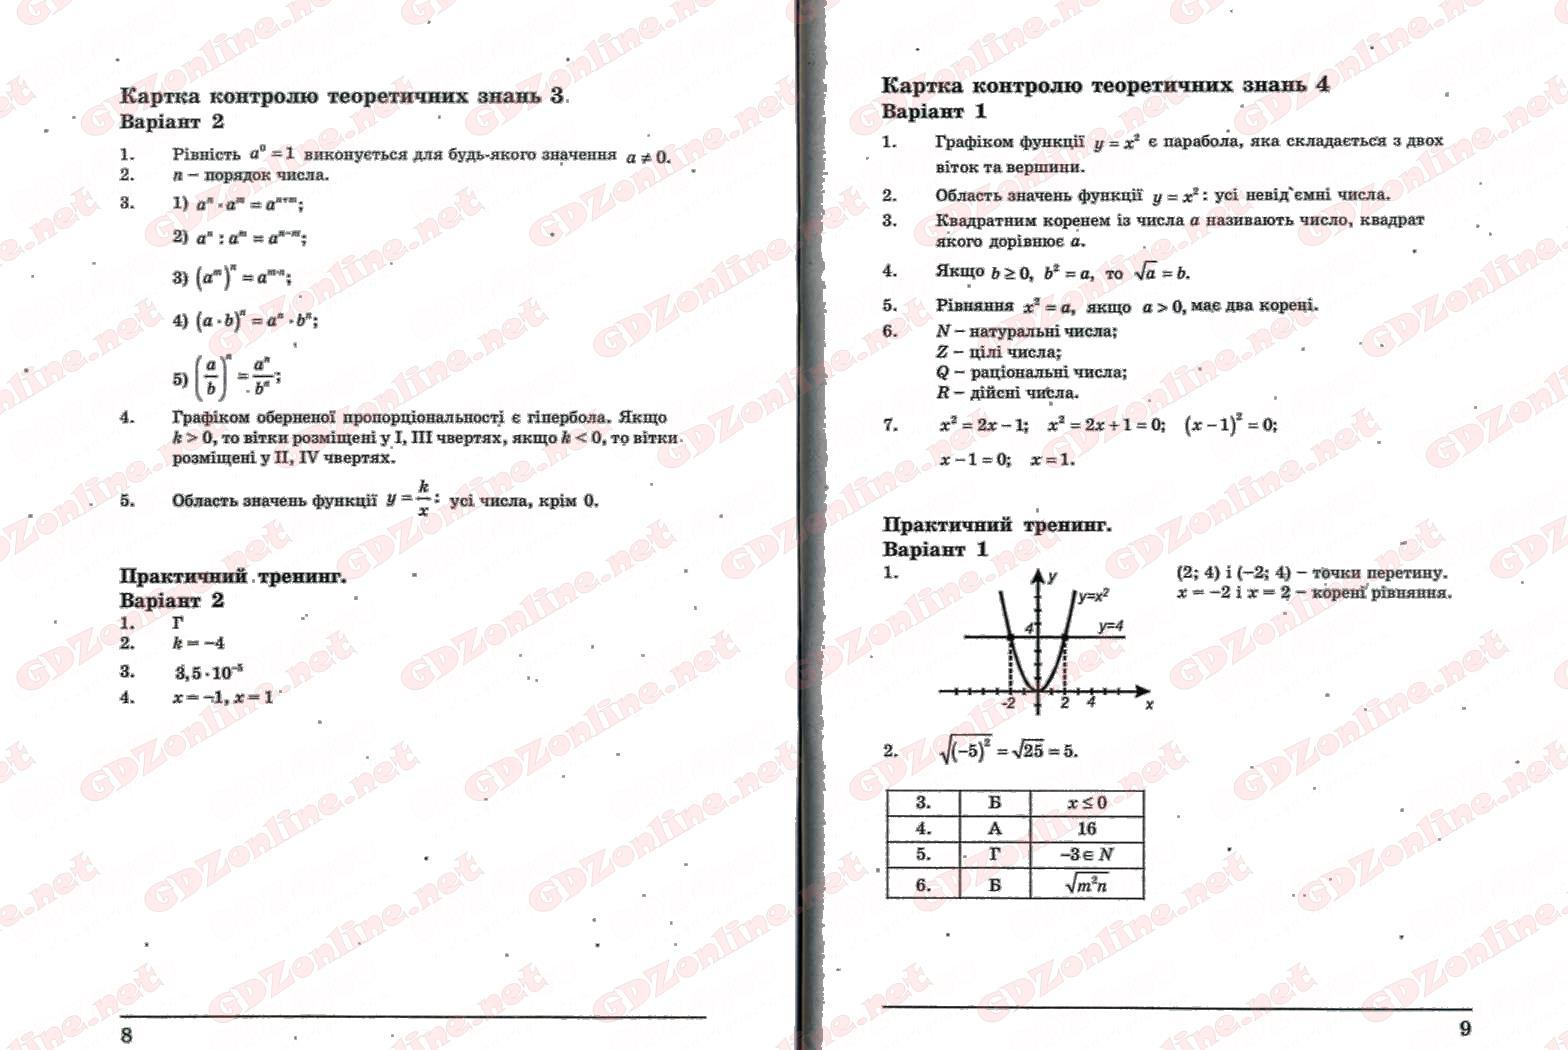 Відповіді на комплексний зошит для контролю знань по алгебре 8 класс